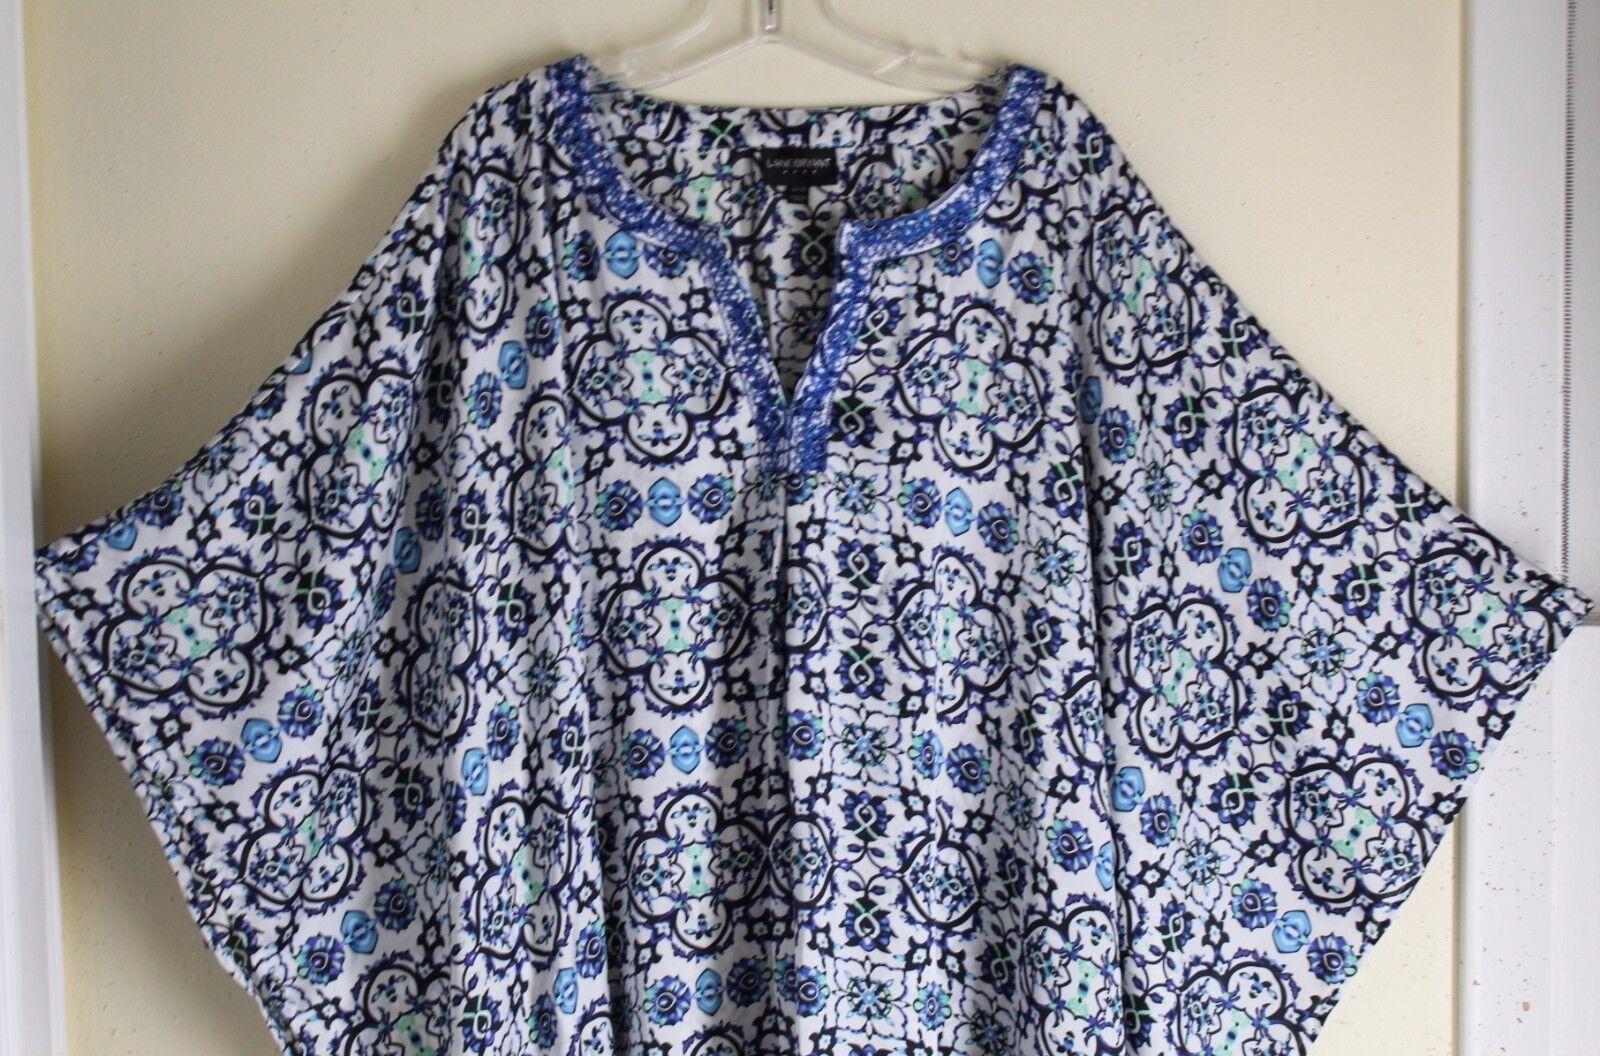 Lane Bryant Rich 3X 2X 26 Flowing Art-to-Wear Blau Long Tunic Poncho Kaftan Top